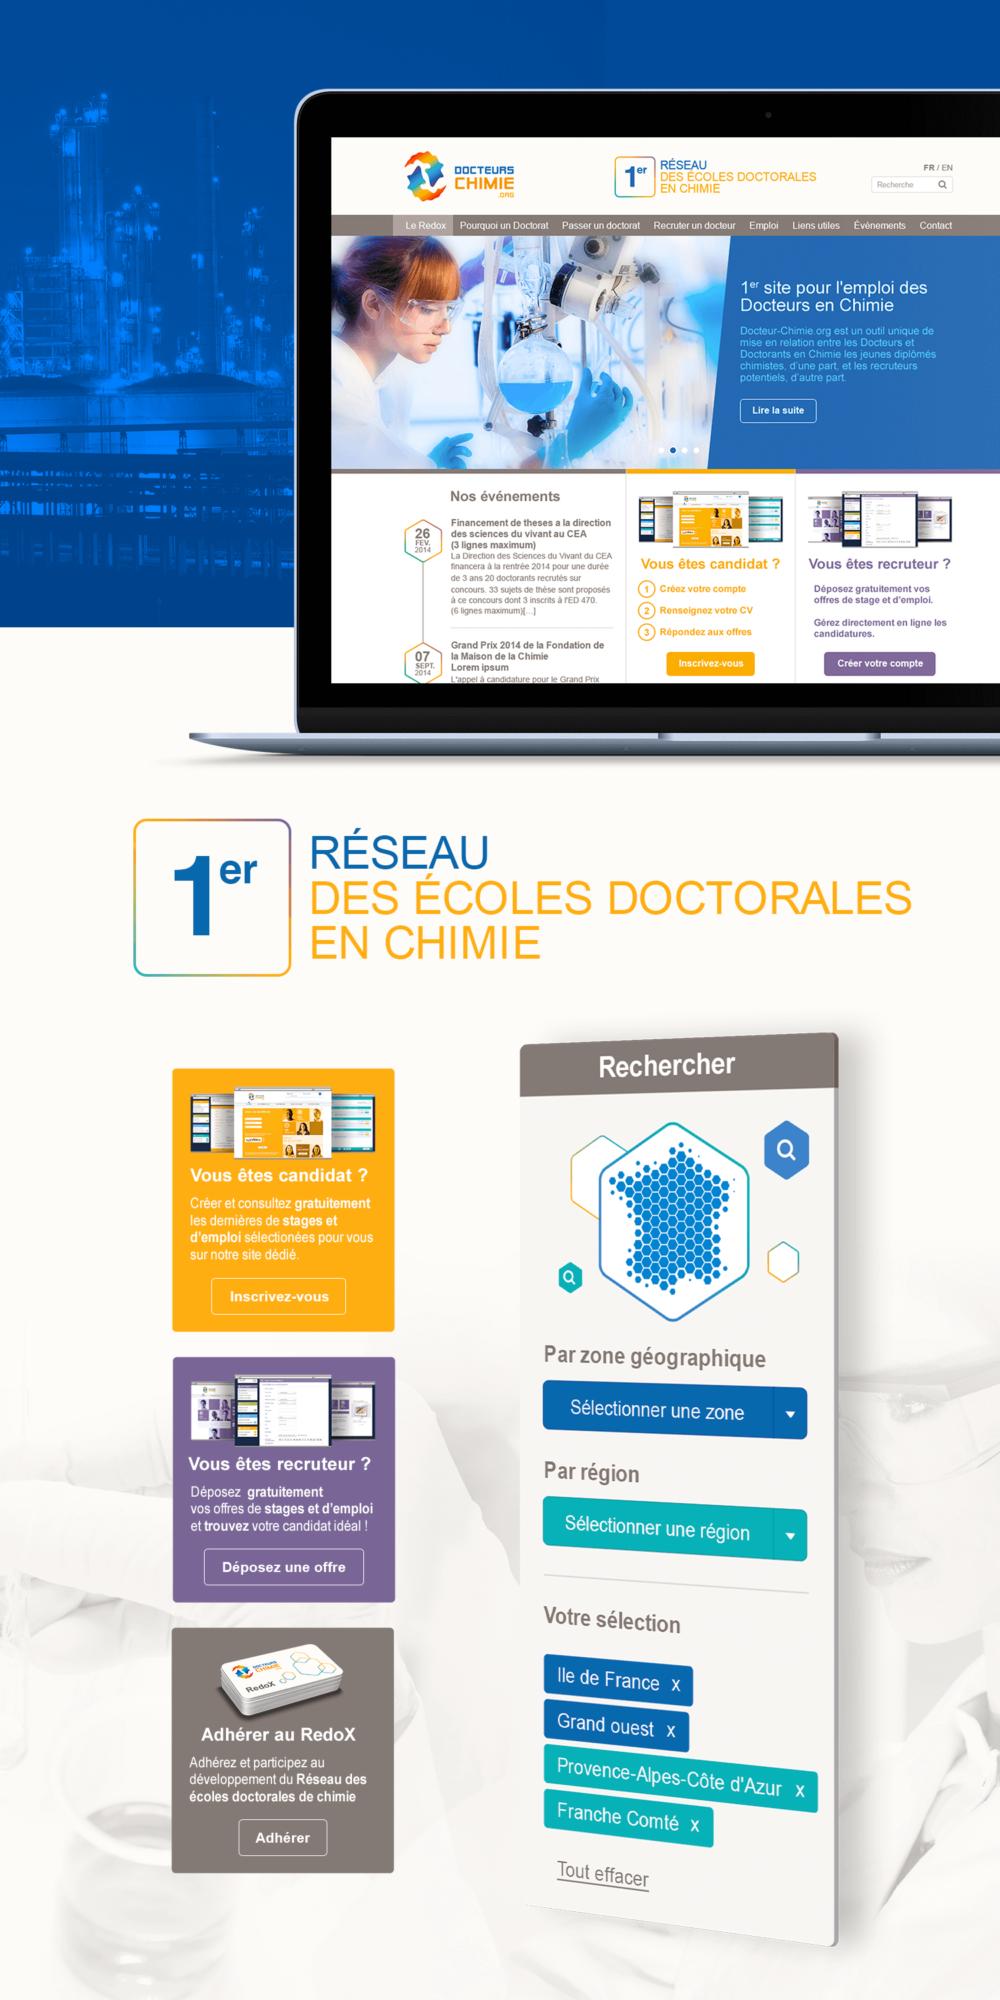 Docteurs Chimie - Site internet du 1er réseau des écoles doctorales en chimie